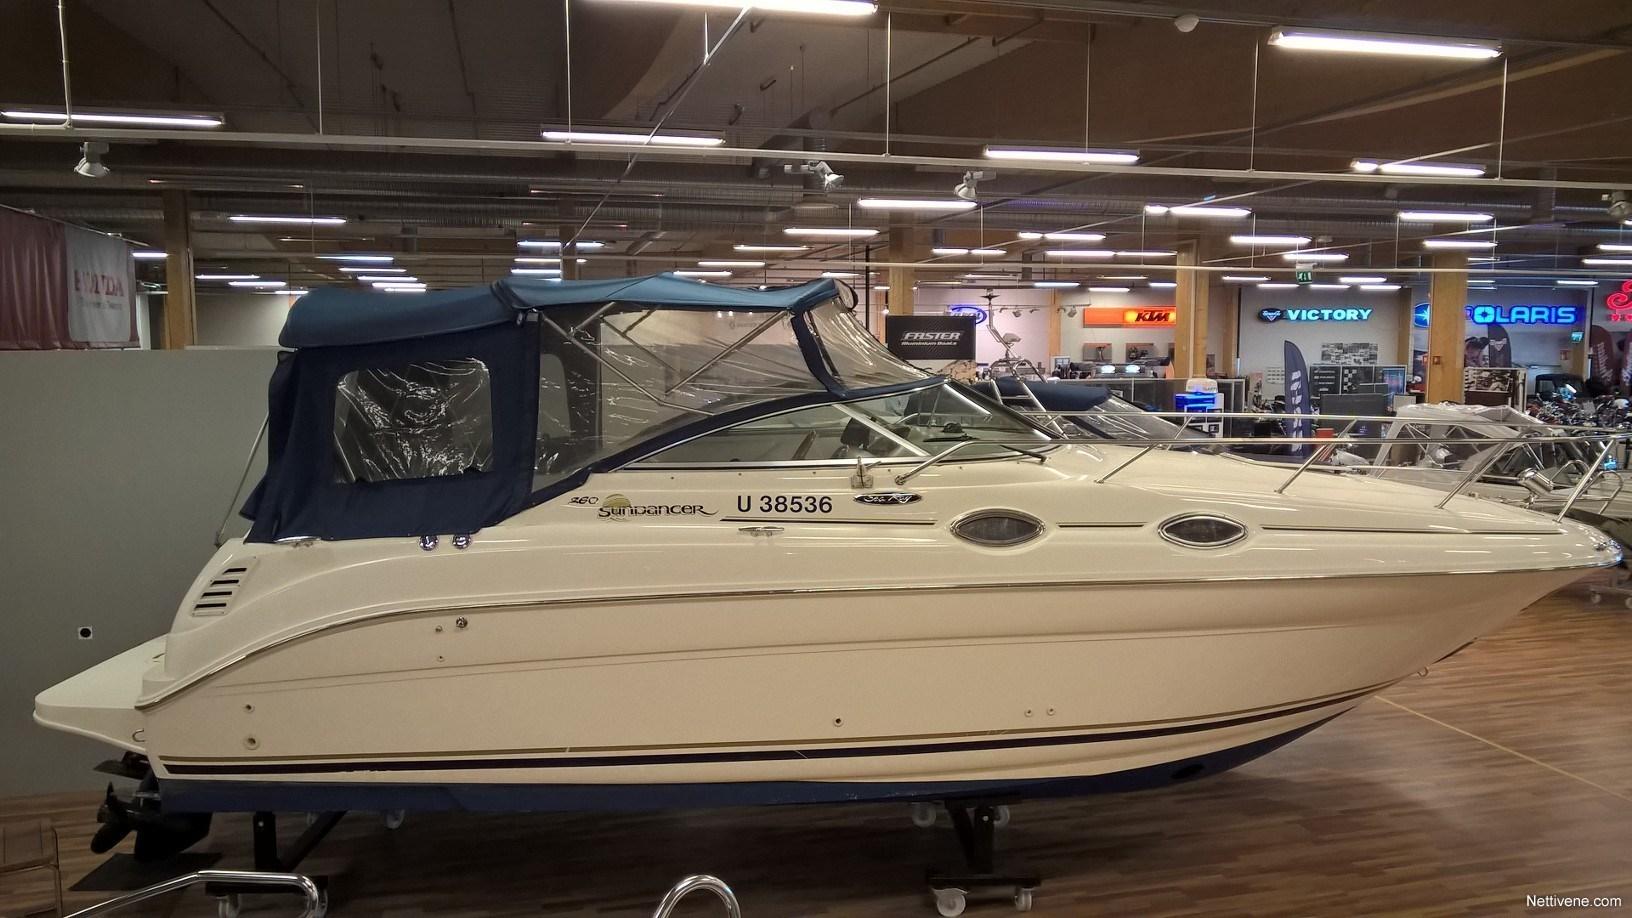 Sea ray Sundancer 260 motor boat 2001 - Turku - Nettivene